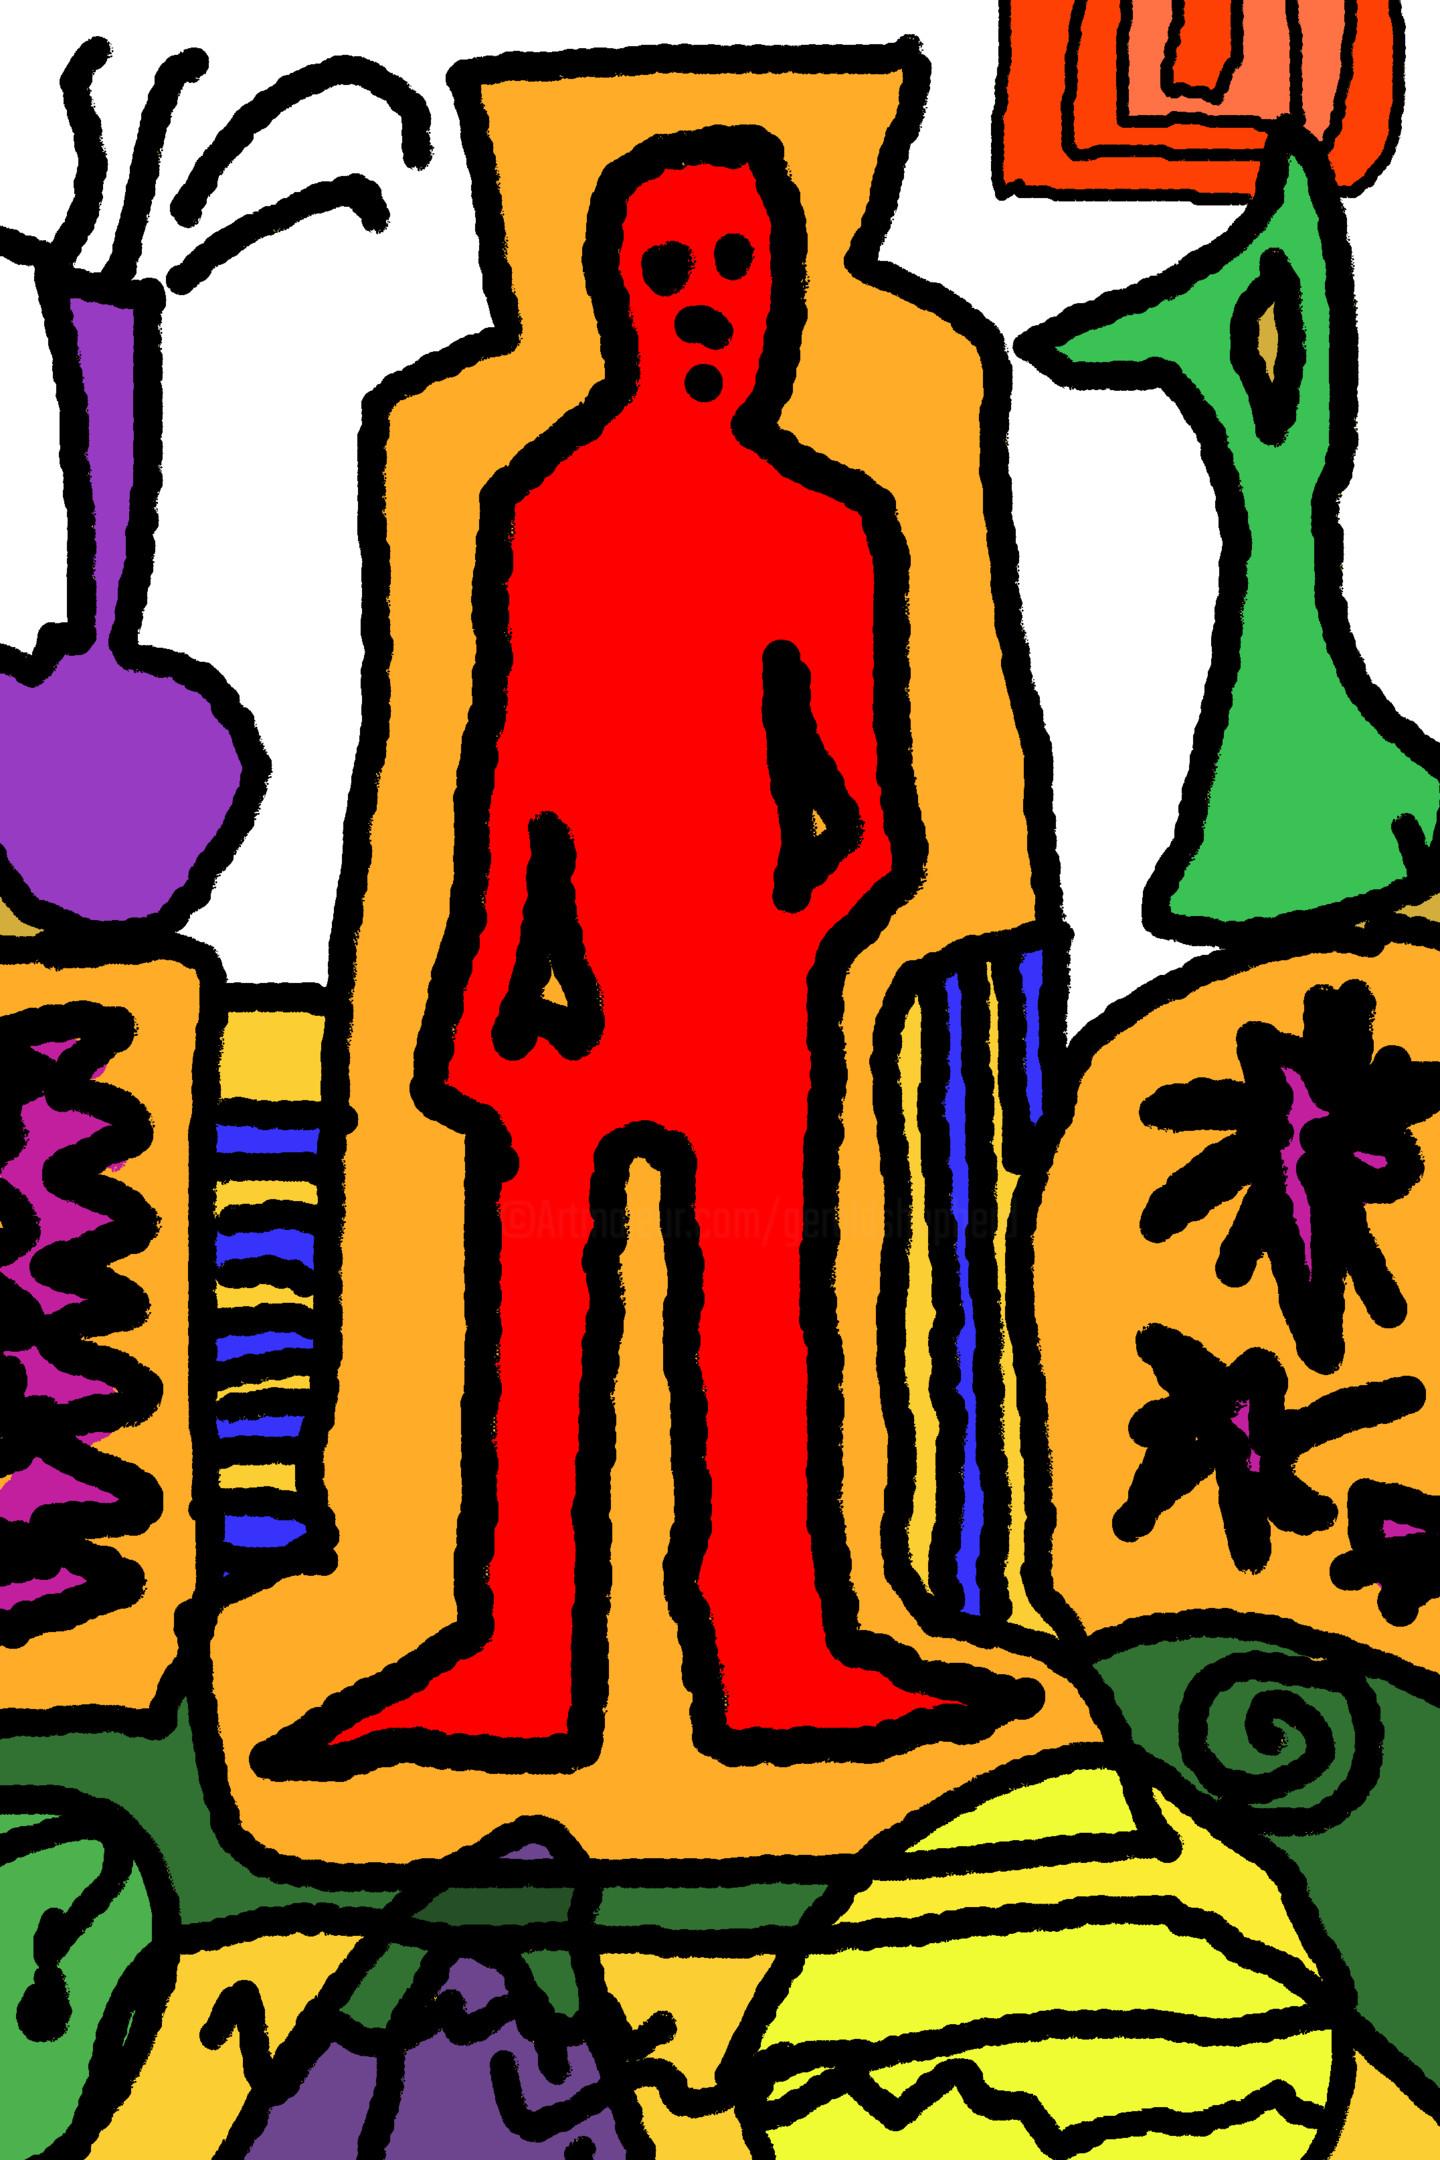 Gerald Shepherd - Red Figure In An Interior